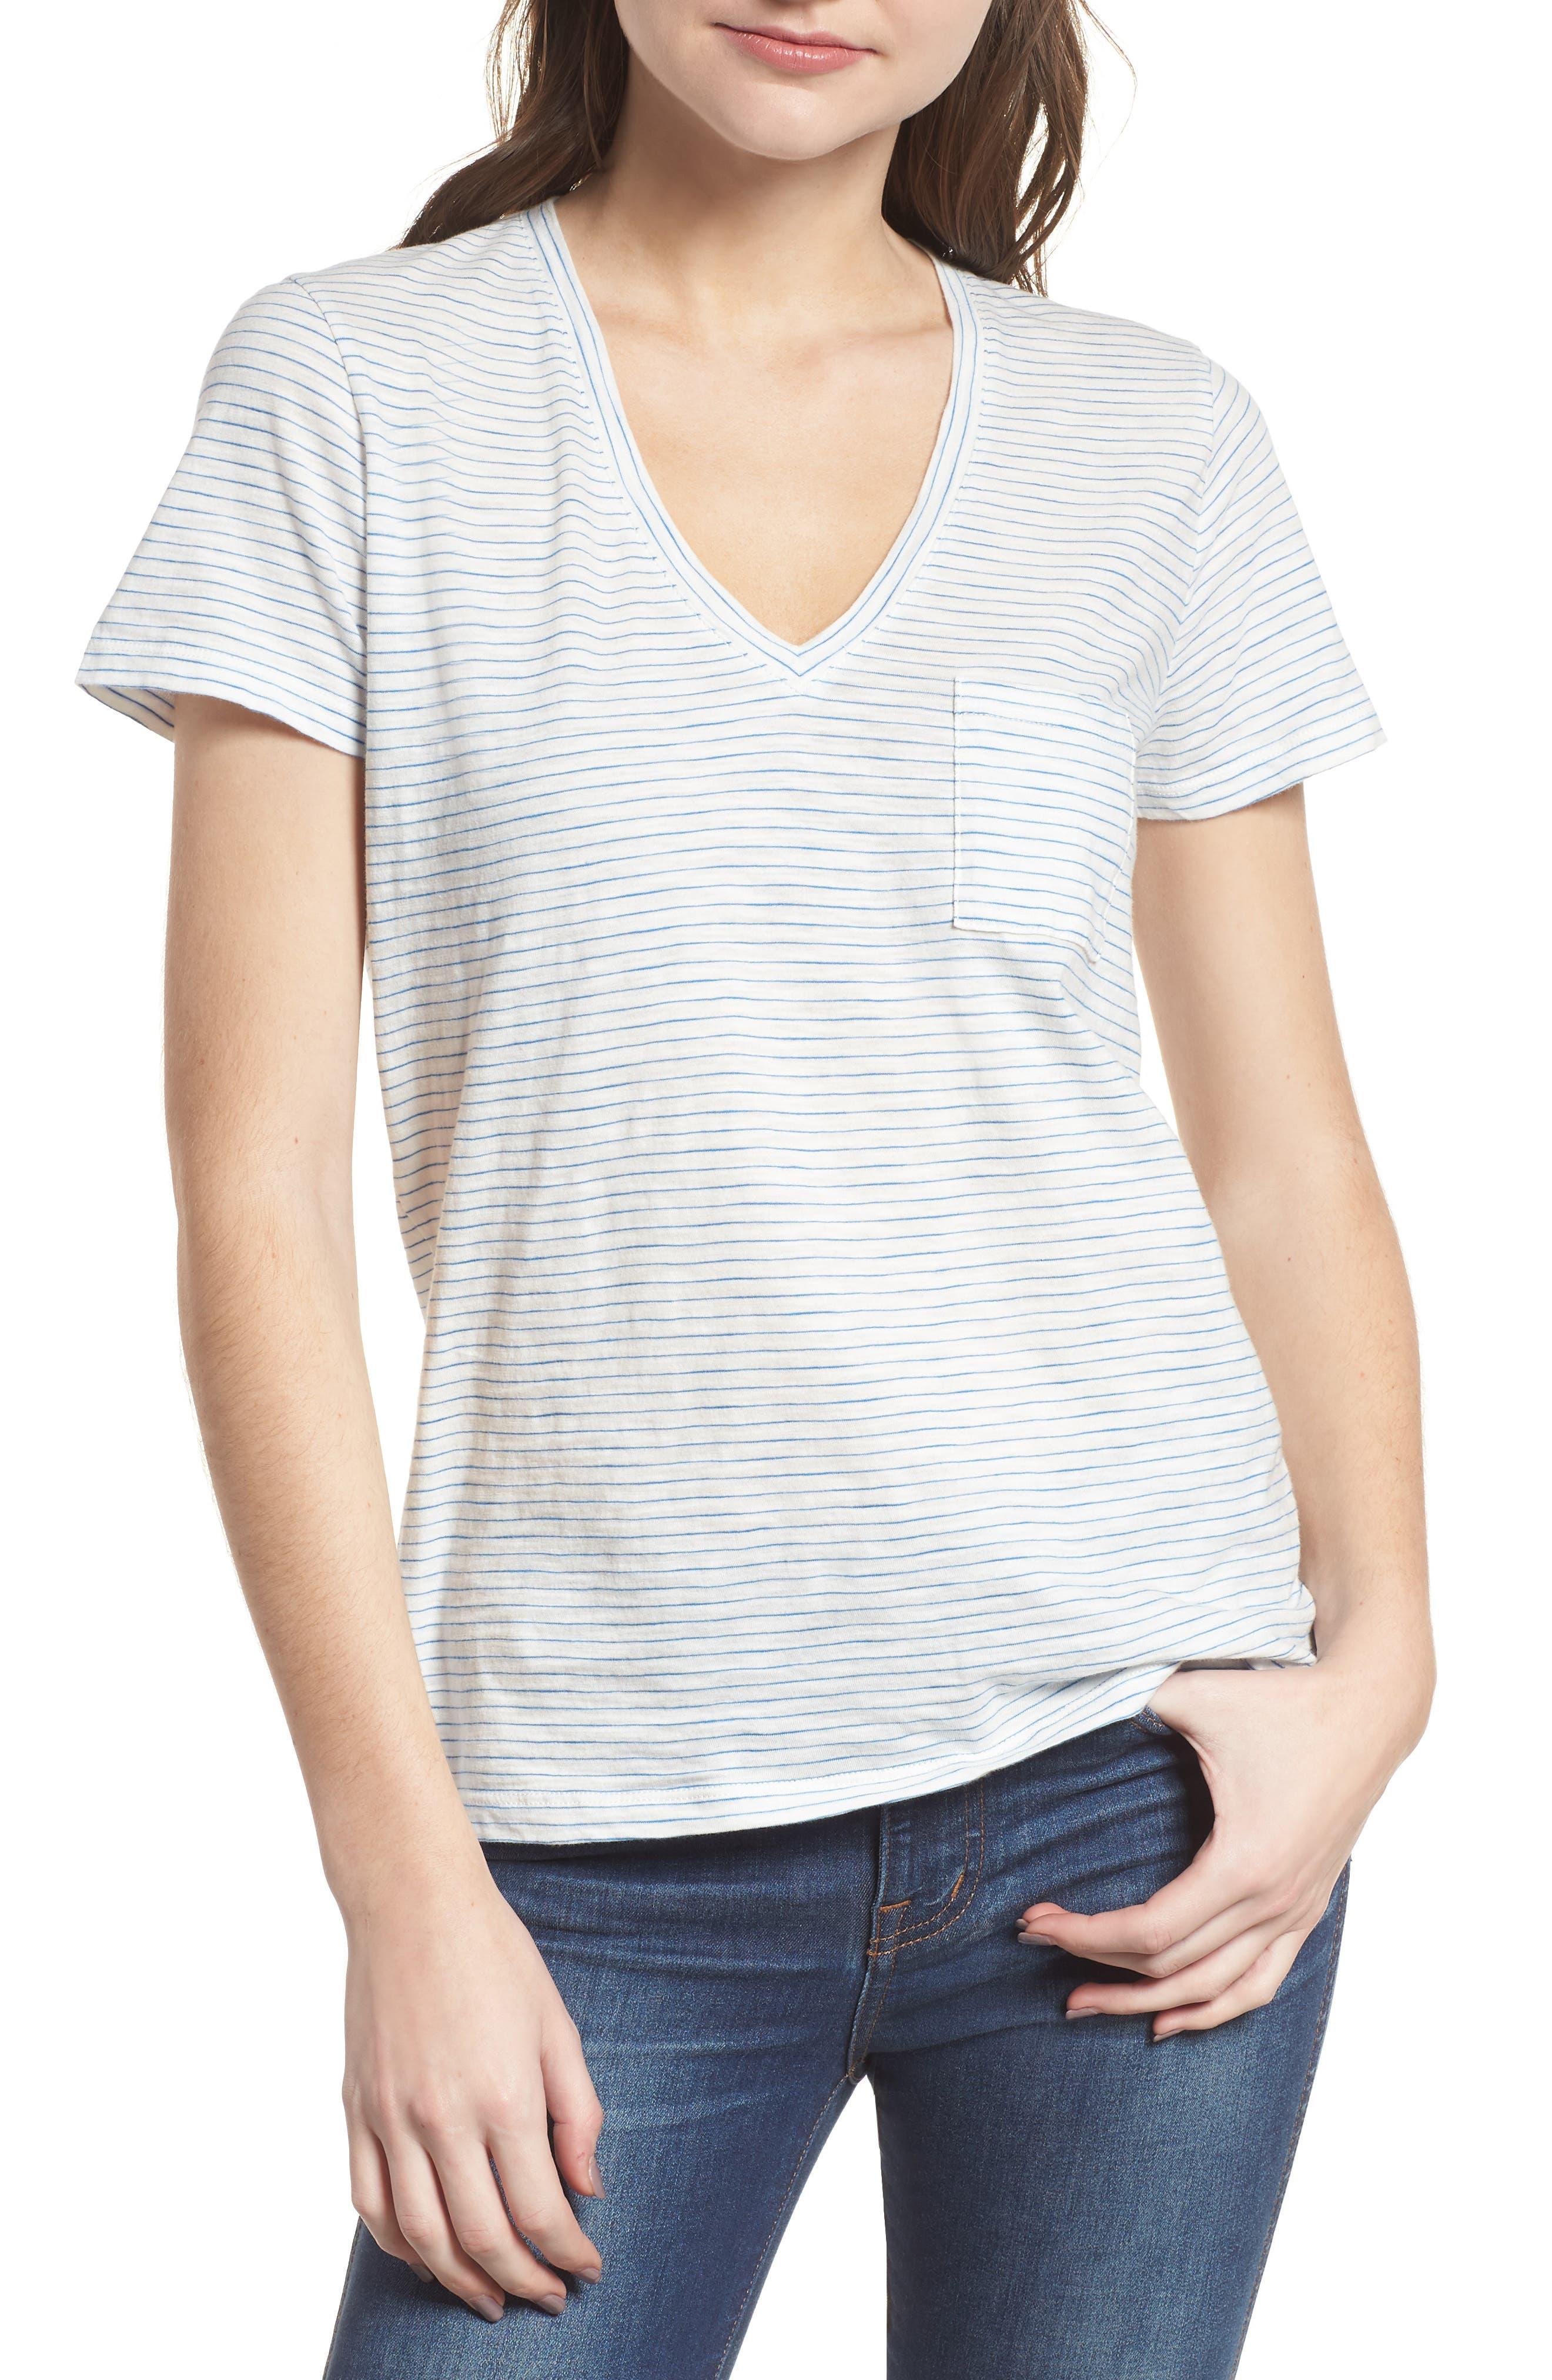 Main Image - Madewell Whisper Cotton Stripe V-Neck Tee